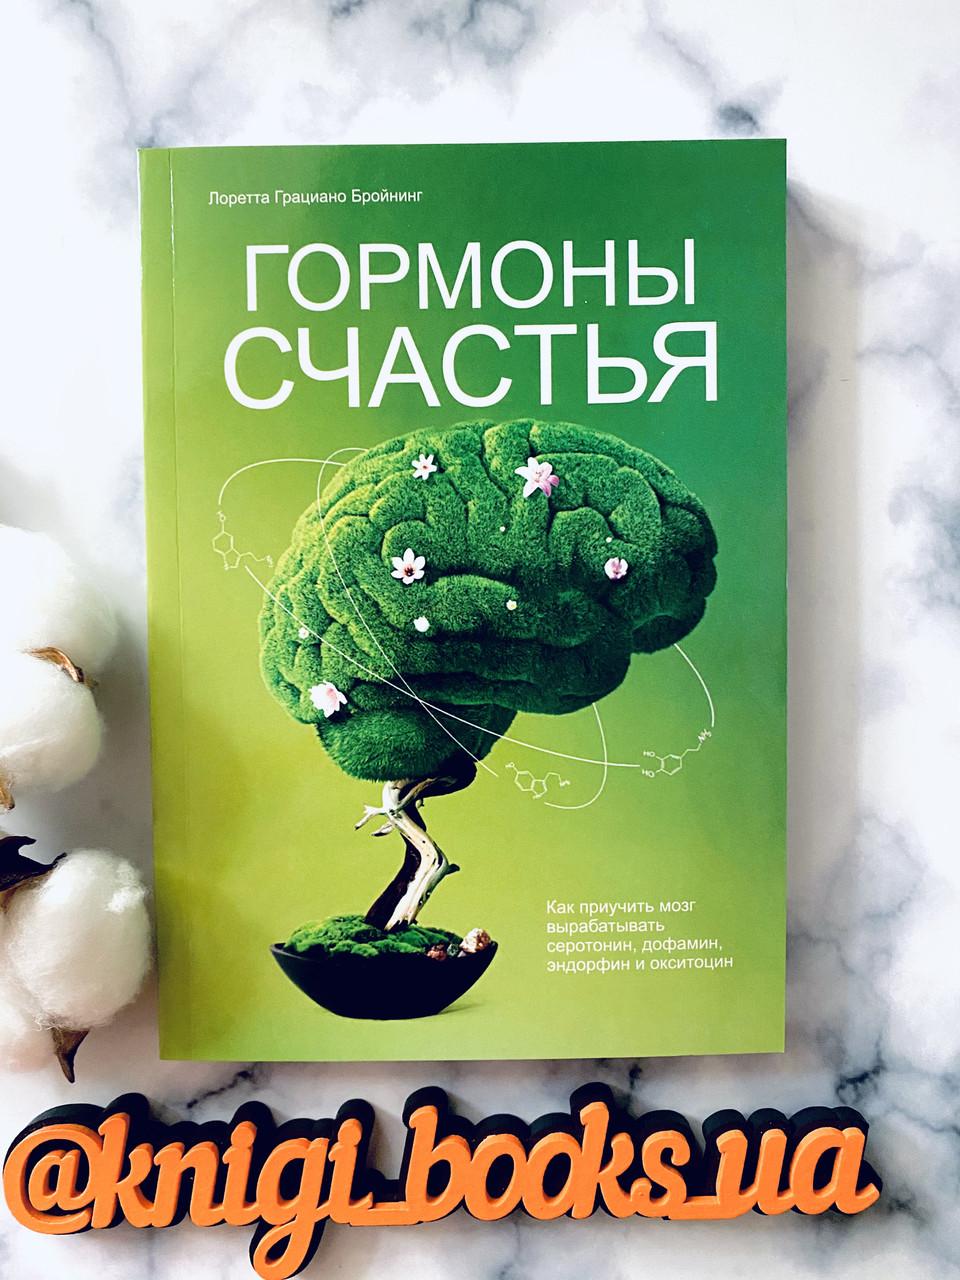 Гормоны счастья. Как приучить мозг вырабатывать серотонин, дофамин, эндорфин и ... - Лоретта Грациано Бройнинг